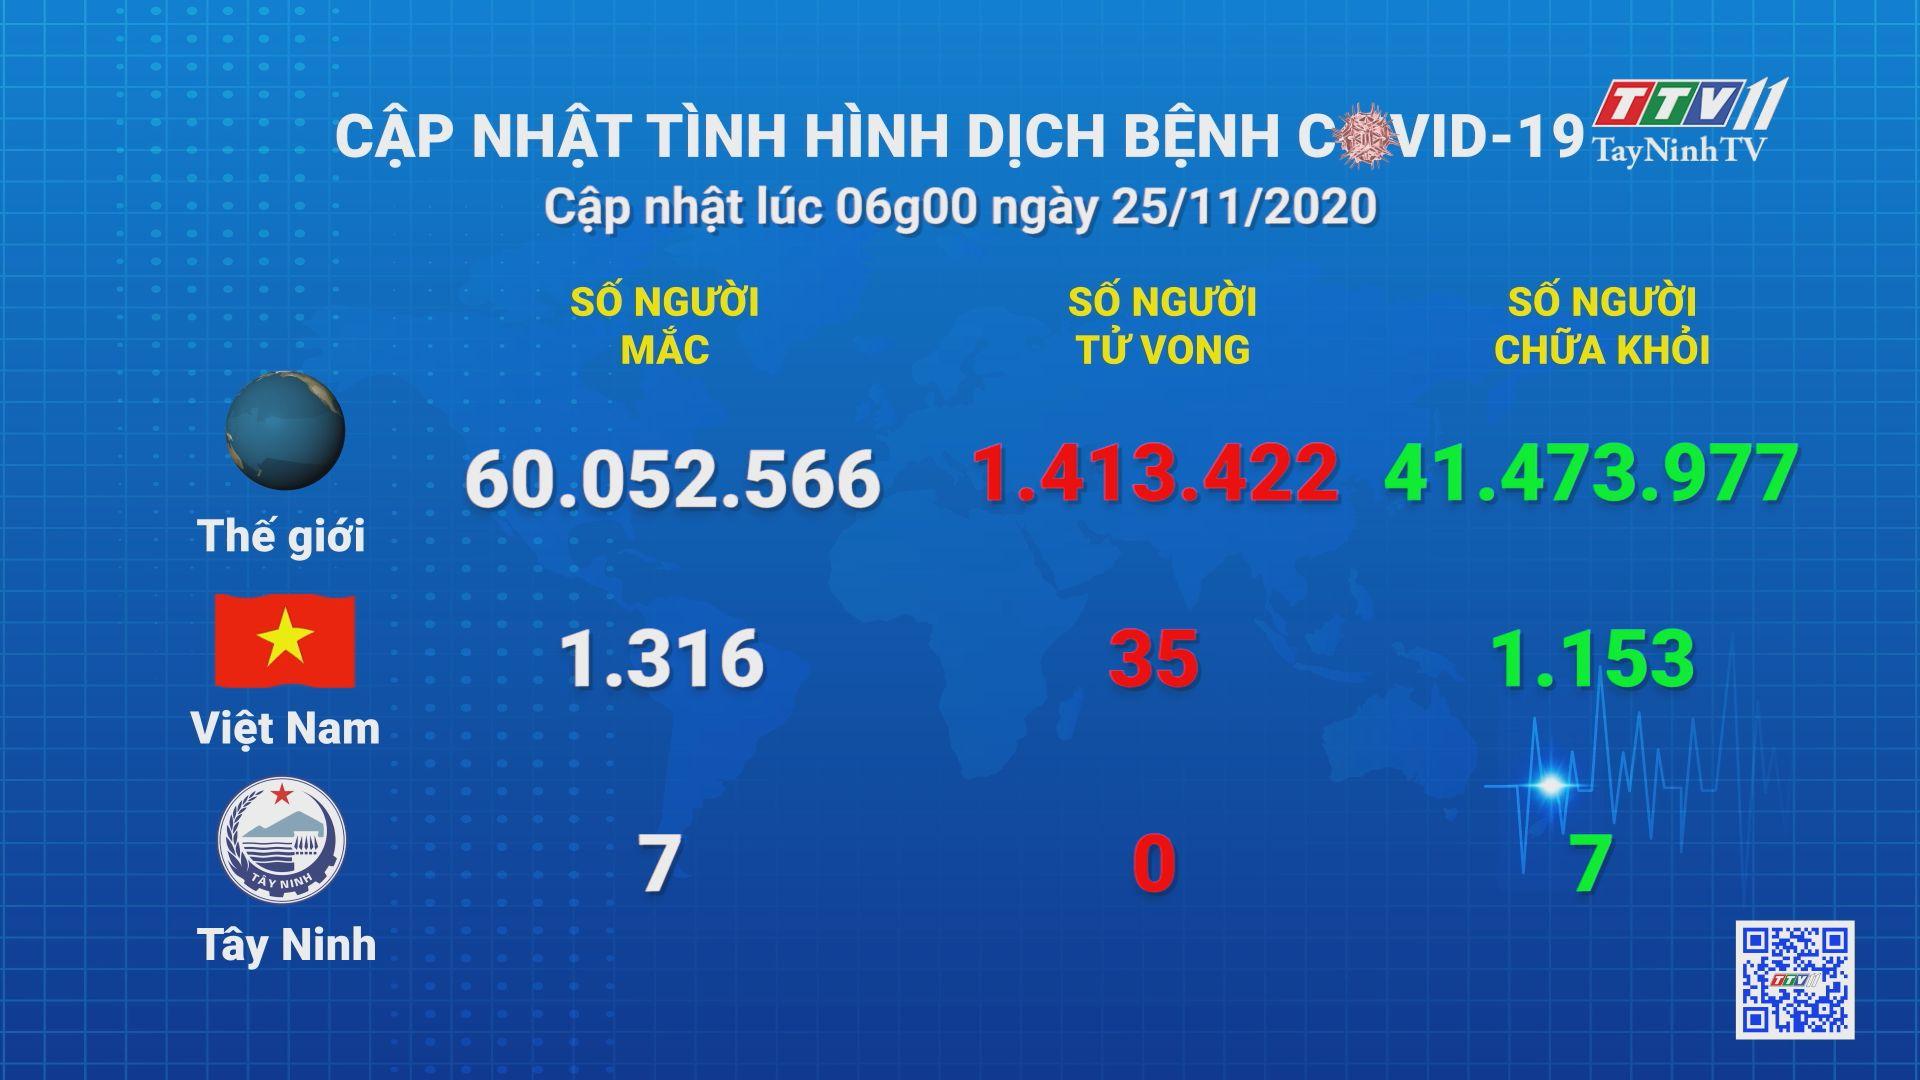 Cập nhật tình hình Covid-19 vào lúc 06 giờ 25-11-2020 | Thông tin dịch Covid-19 | TayNinhTV